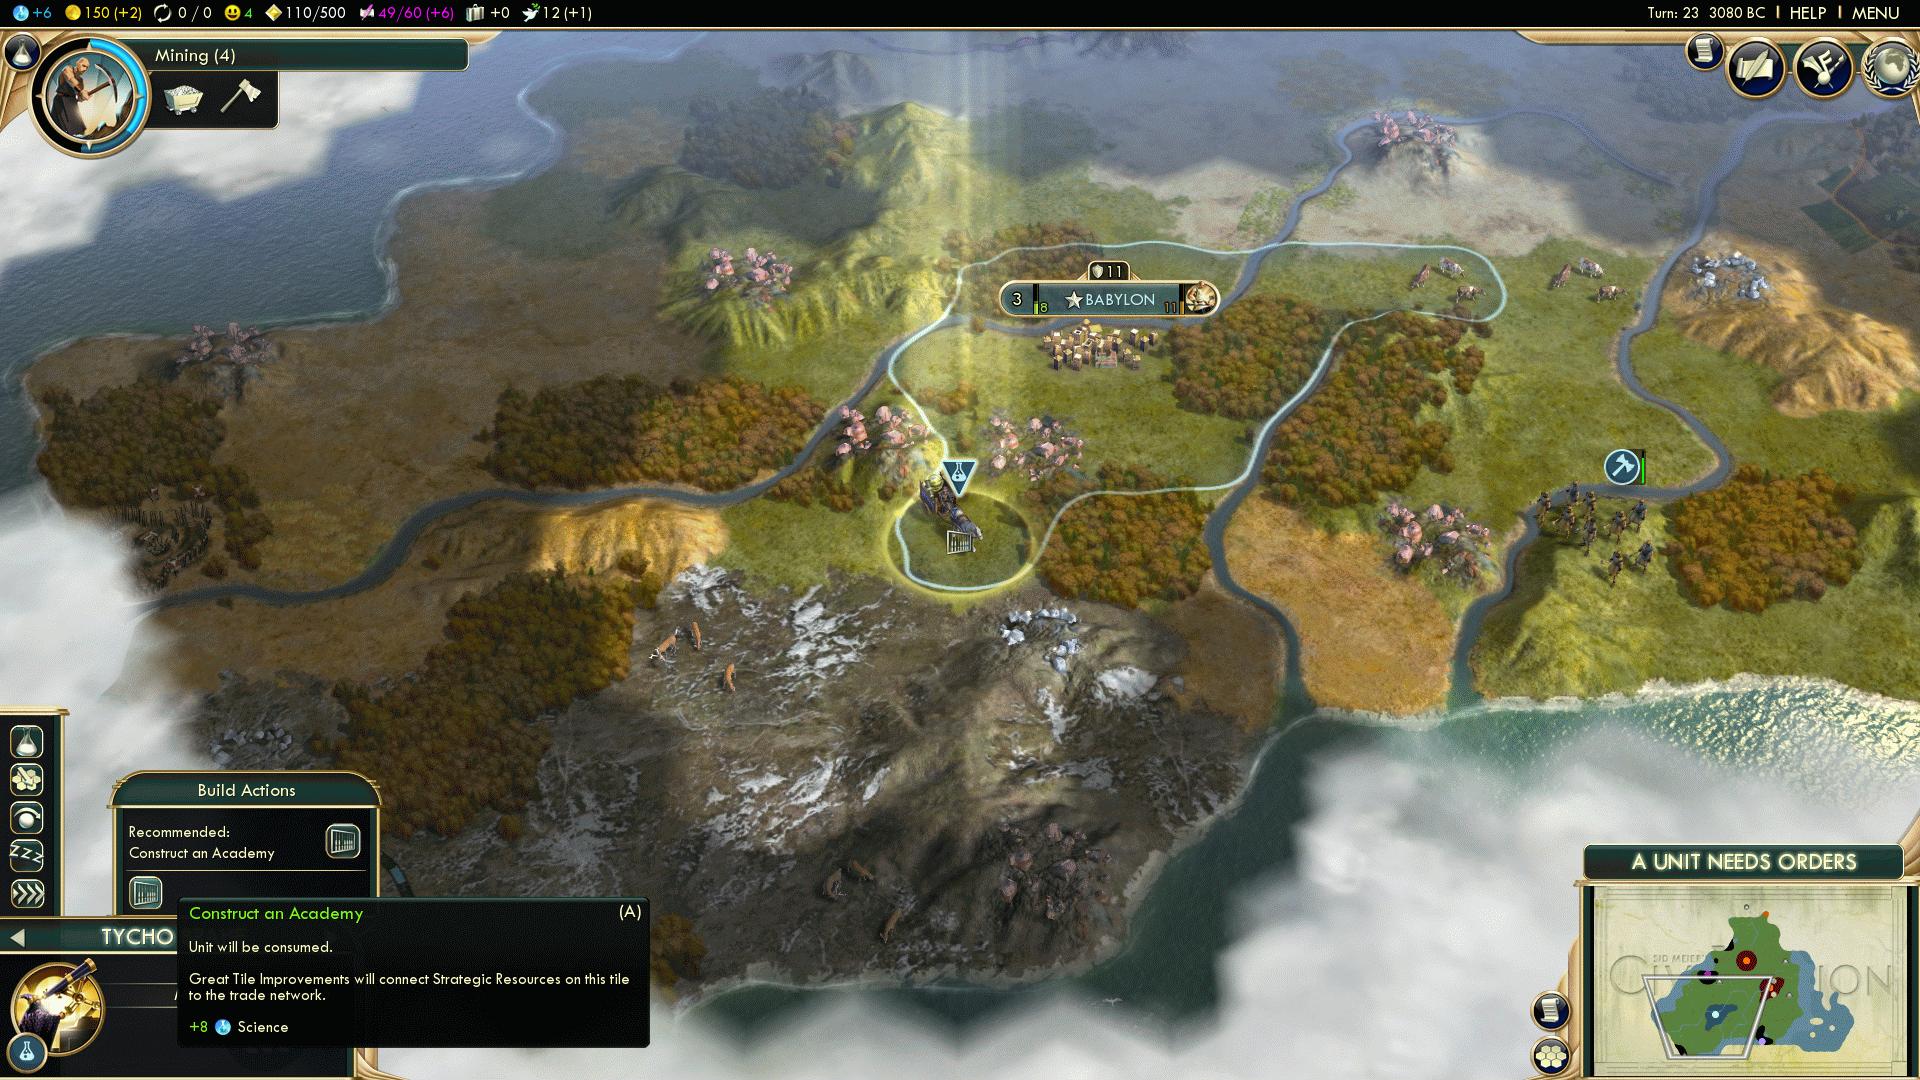 Babylon Game - Immortal Scientific Victory in Civ 5 BNW